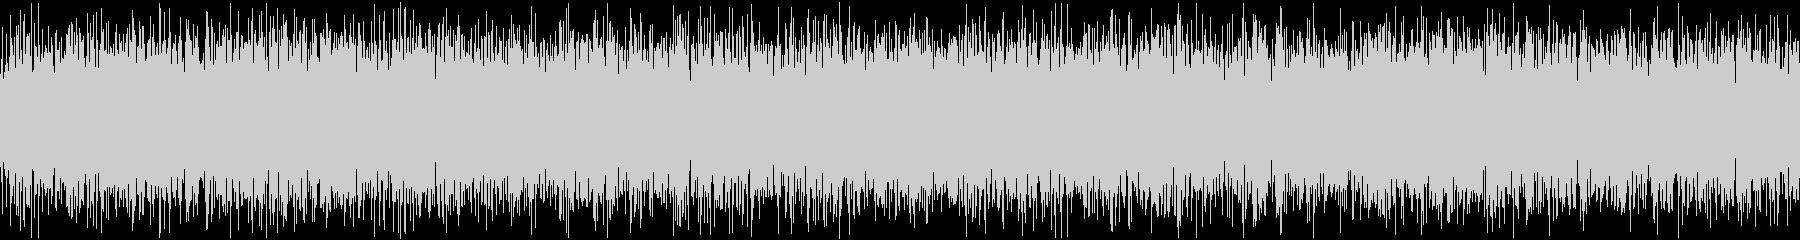 ザァー(AMラジオのノイズA)ループ処理の未再生の波形